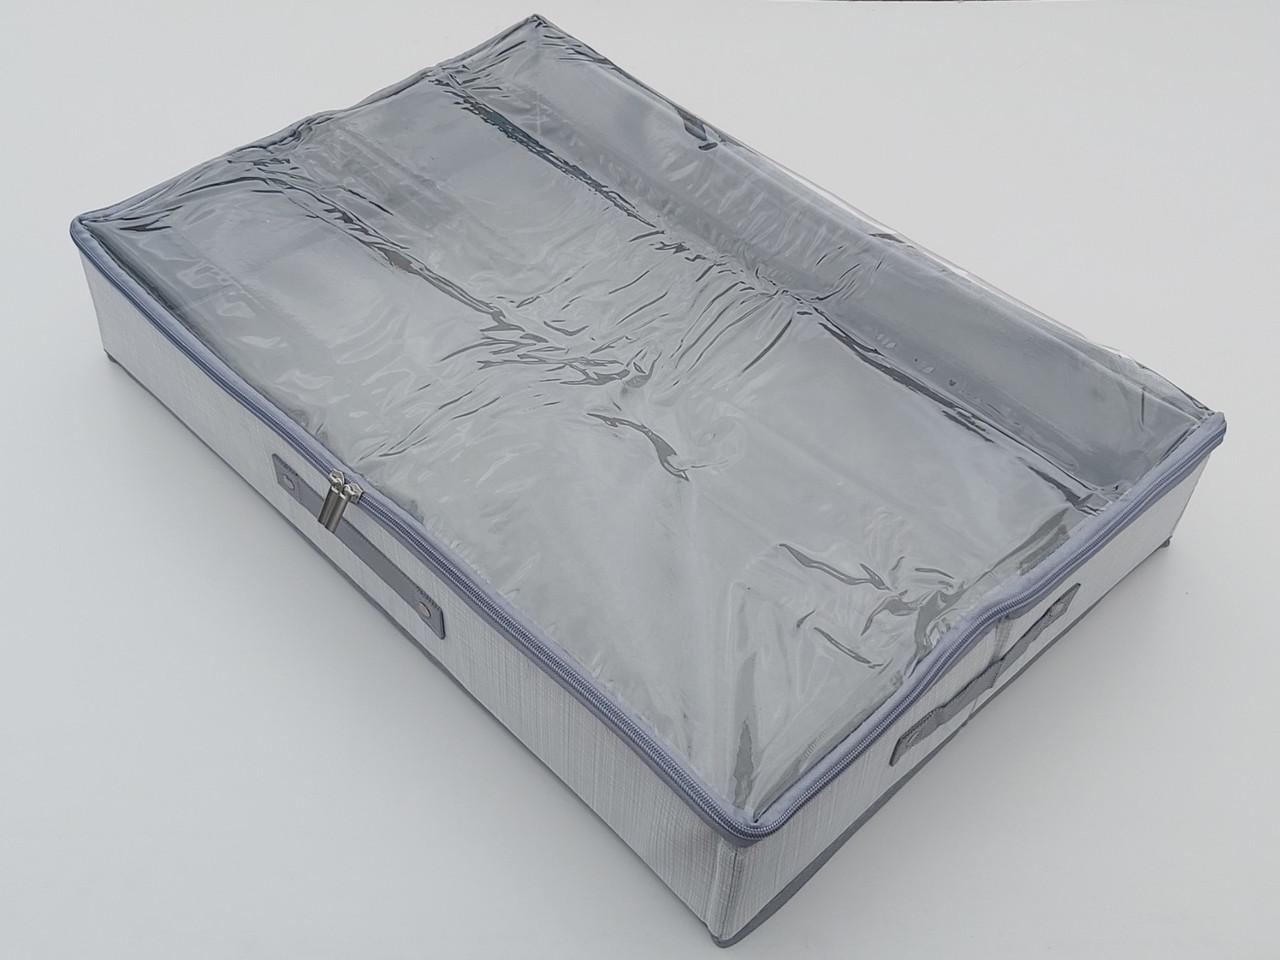 Органайзер ящик з кришкою для зберігання взуття, дрібних предметів одягу і т. д. Колір світло-сірий